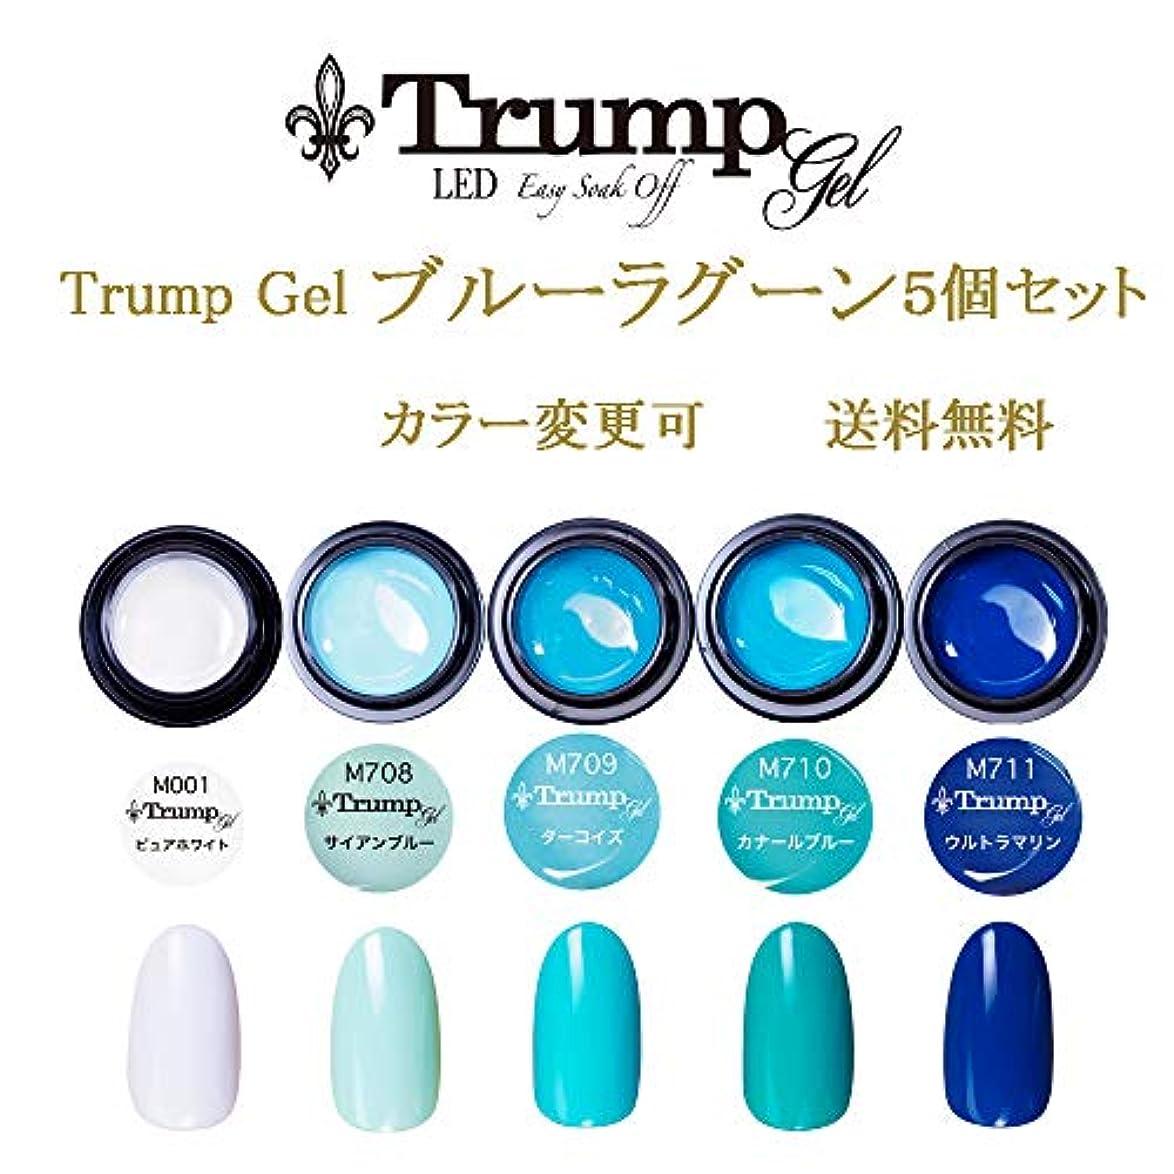 コレクションヒゲクジラ害日本製 Trump gel トランプジェル ブルーラグーン カラー 選べる カラージェル 5個セット ブルー ターコイズ ホワイト